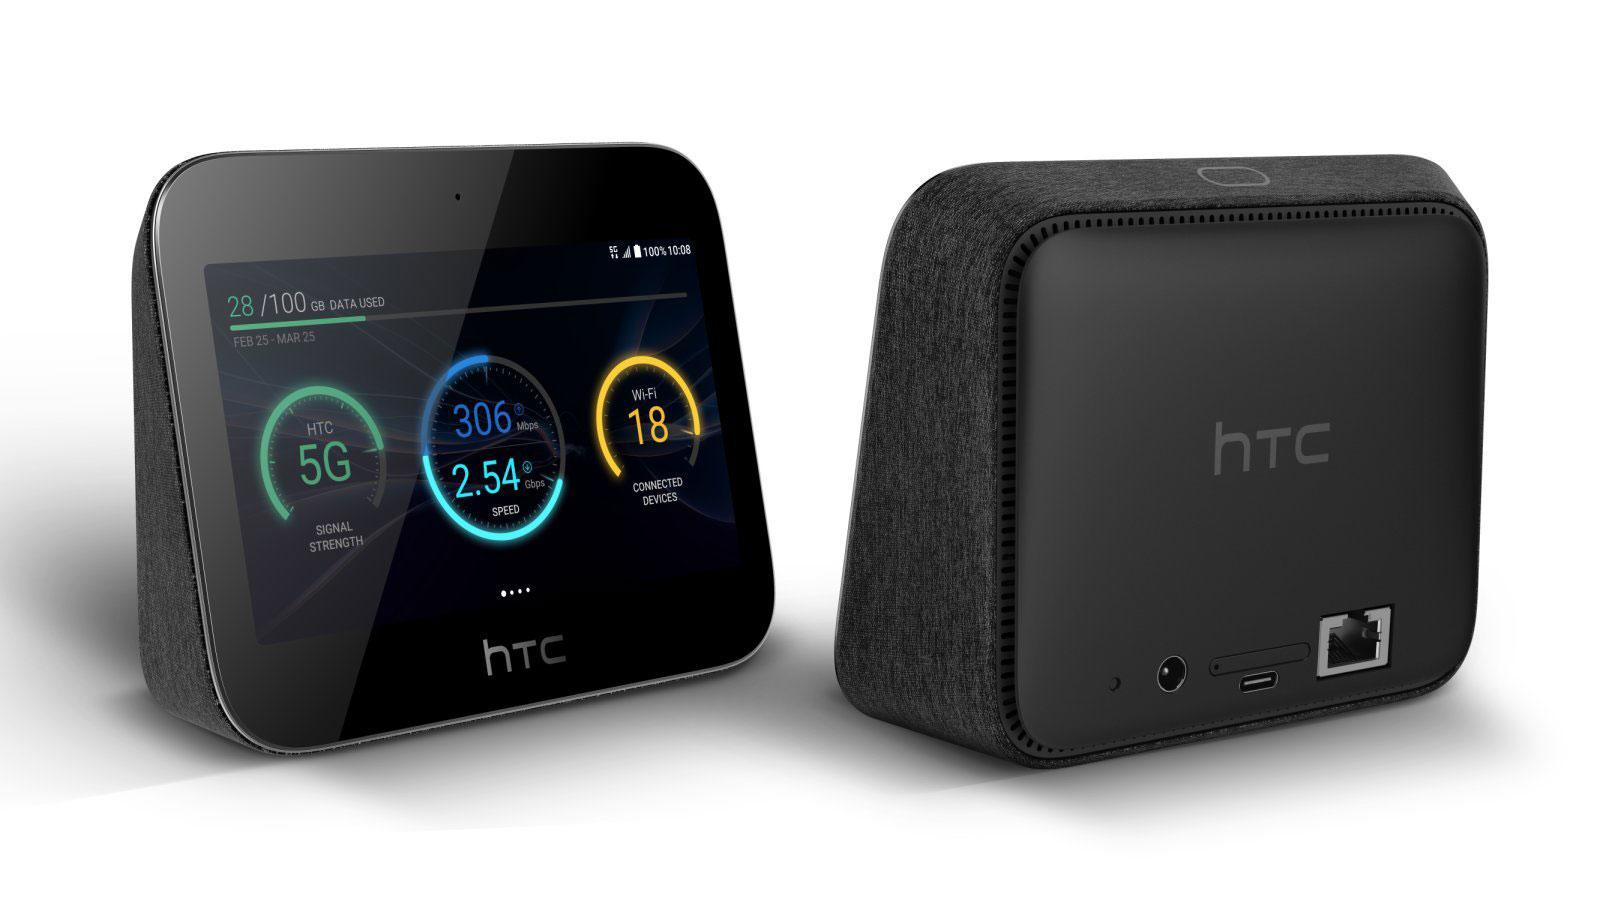 هاب 5G اچ تی سی (HTC 5G Hub)